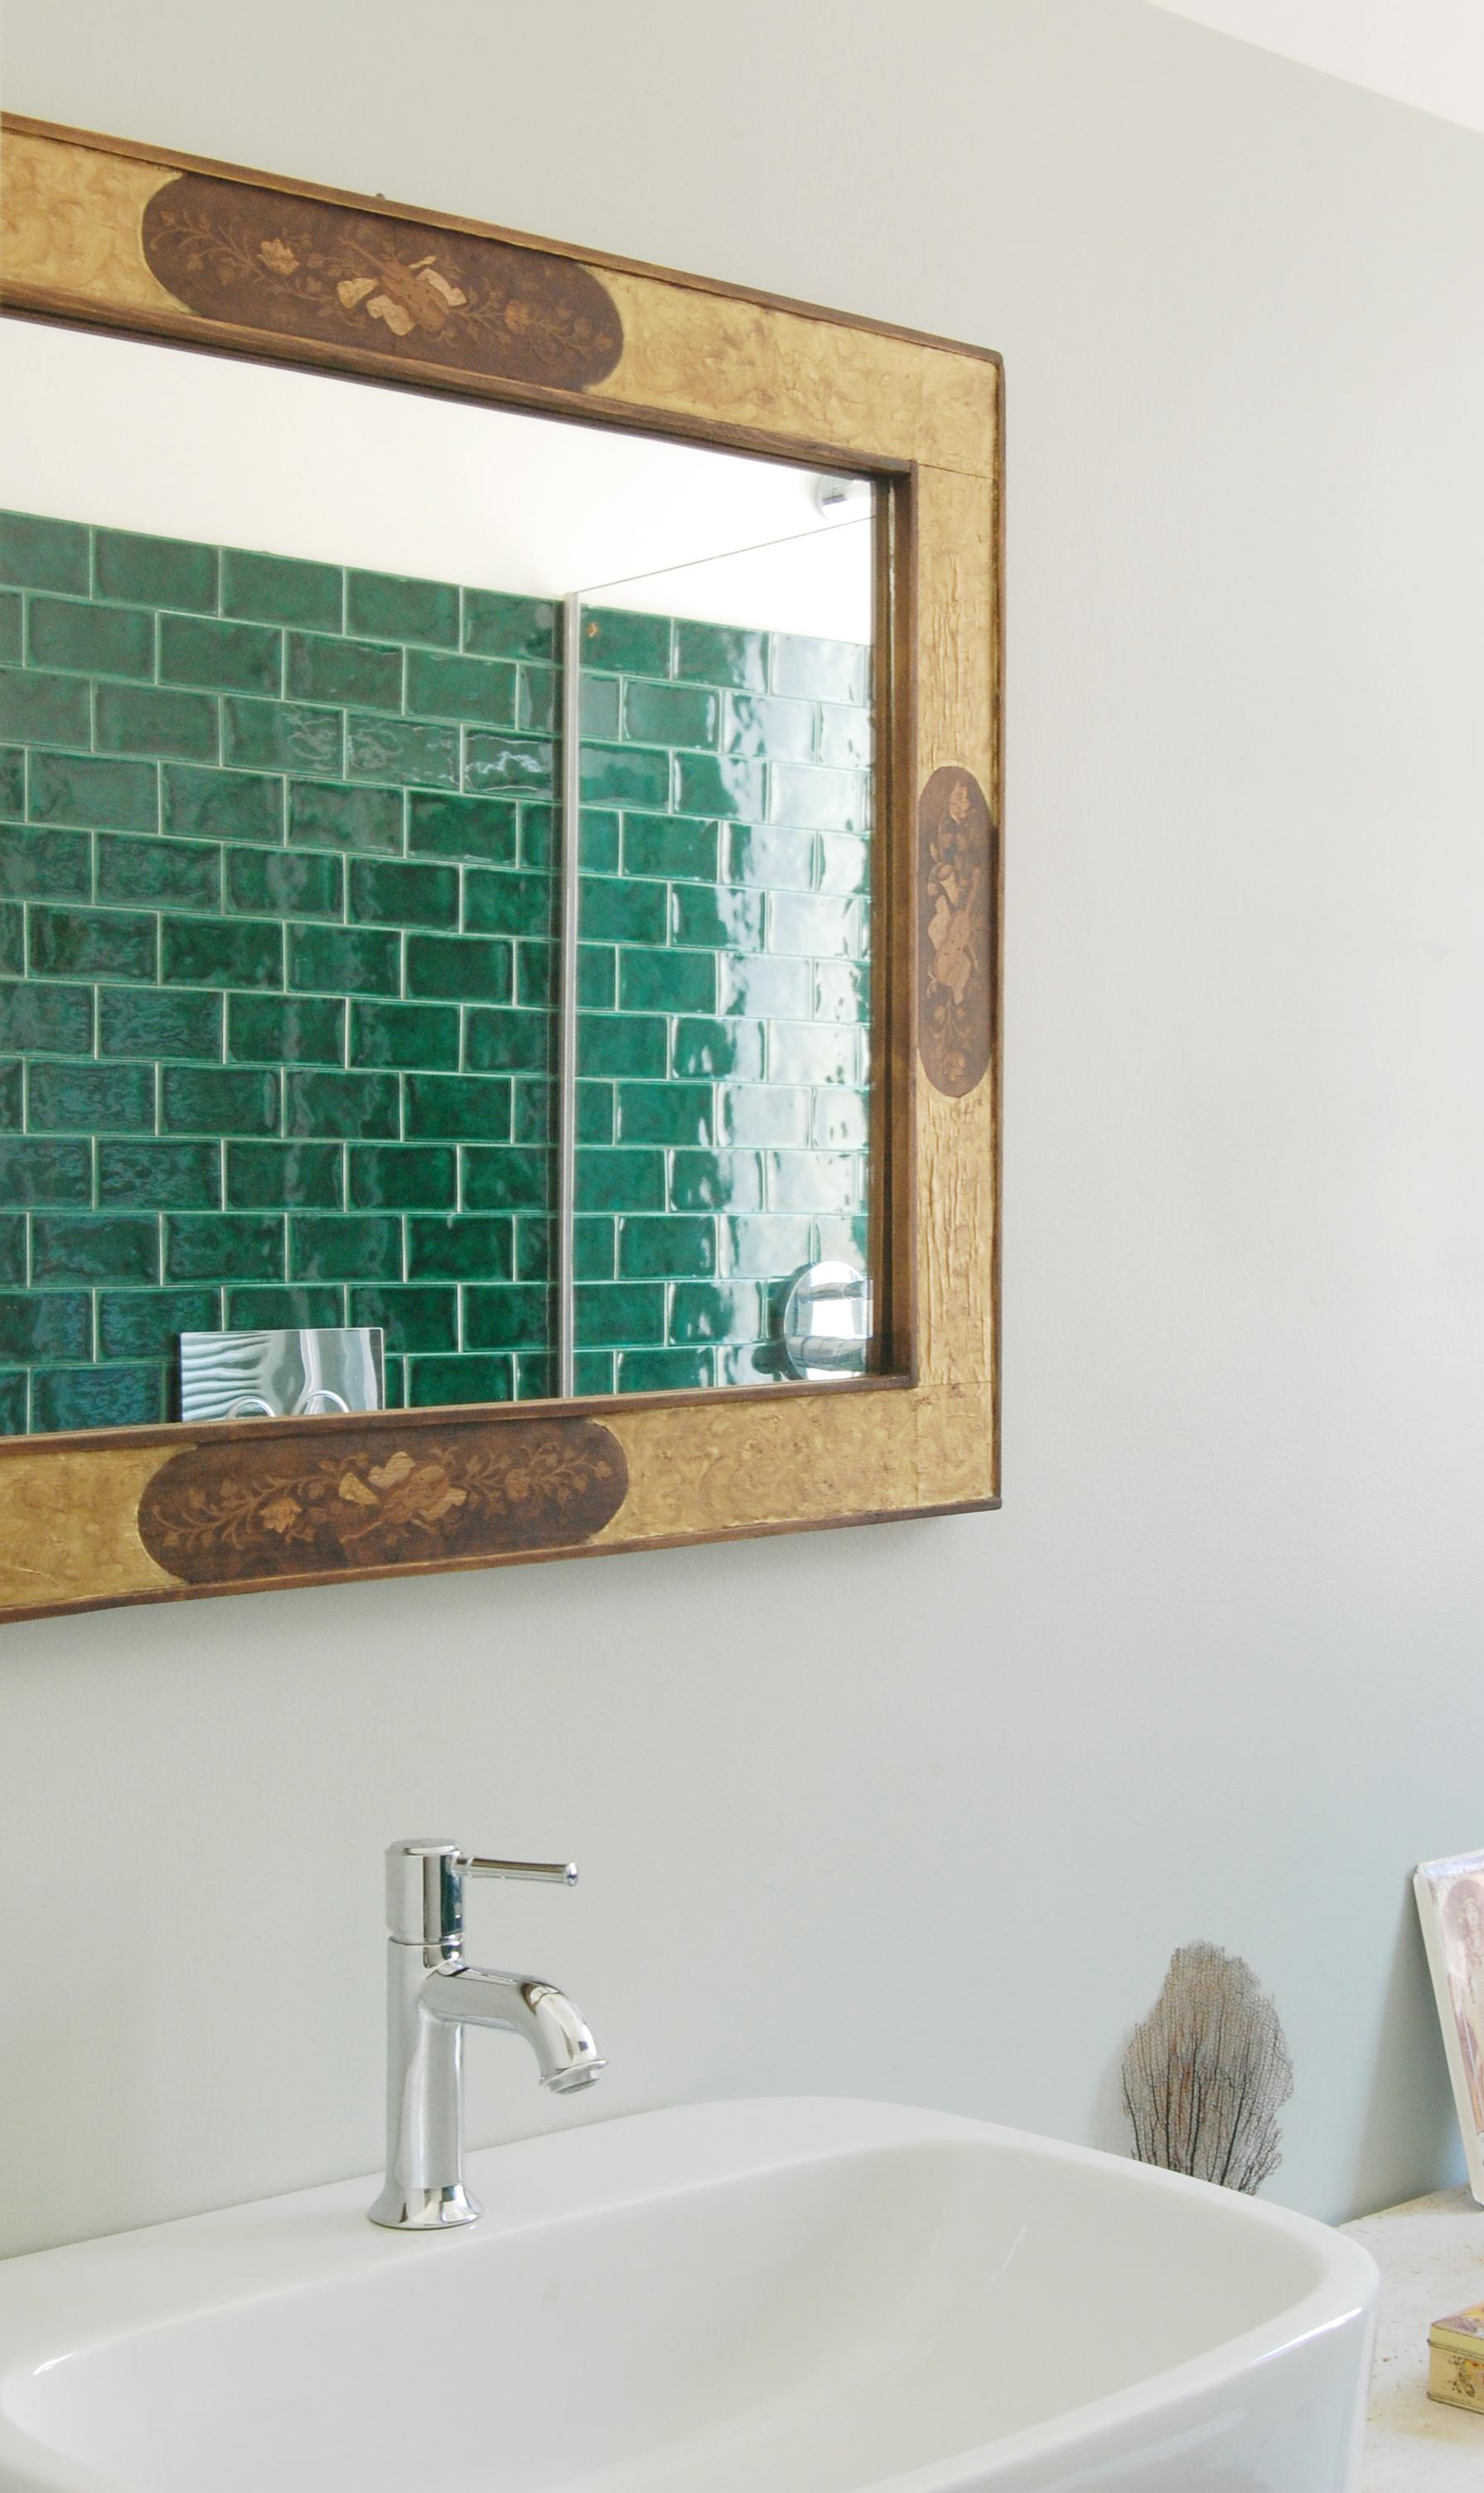 Tonalità tenui contrapposte a segni di carattere: il colore morbido delle pareti si affianca a un rivestimento che scalda d'ambiente.